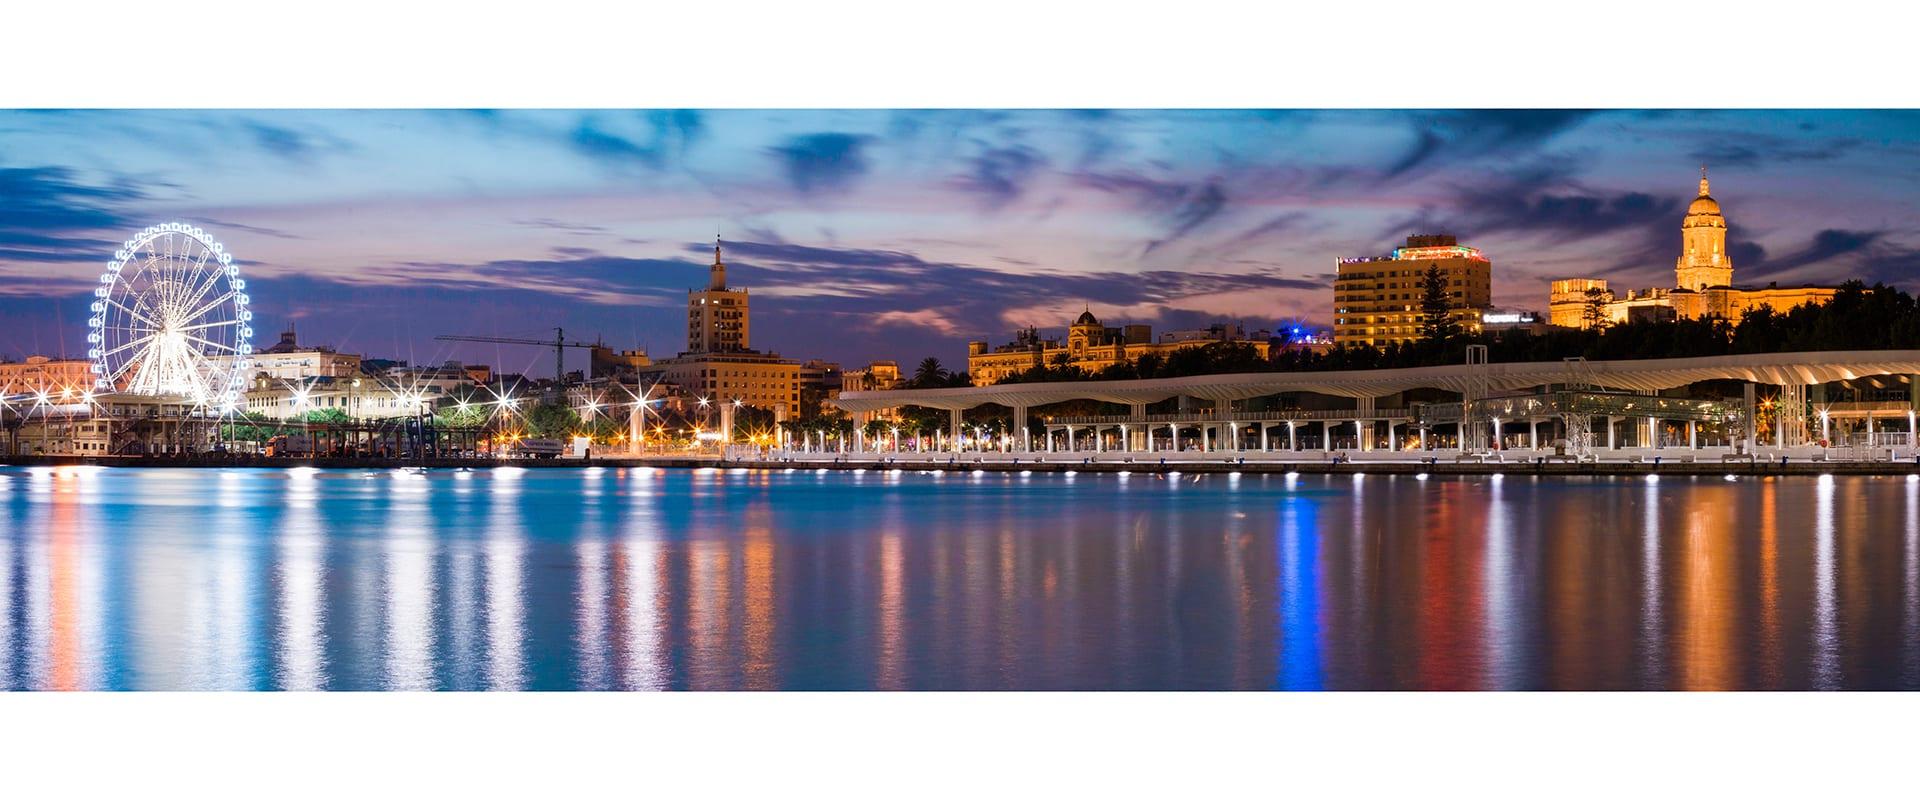 Panorama Bild einer Stadt bei Nacht an einem Fluss